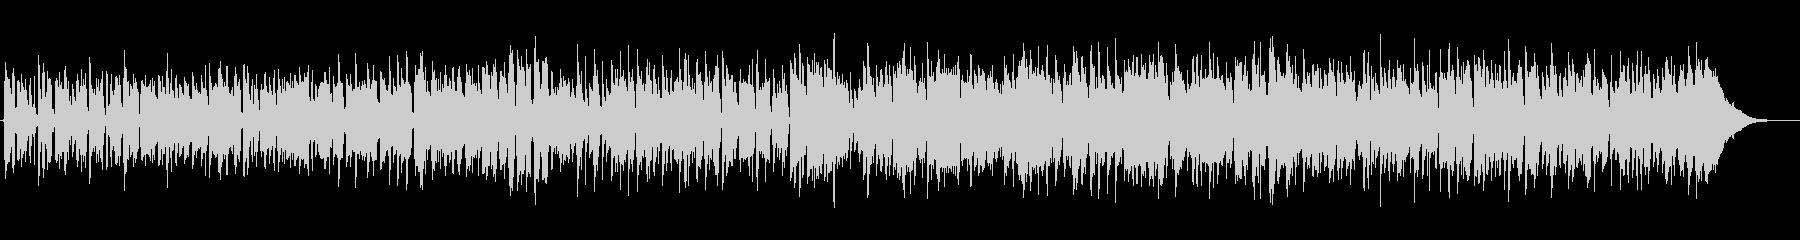 のんびりアコースティックカントリーBGMの未再生の波形